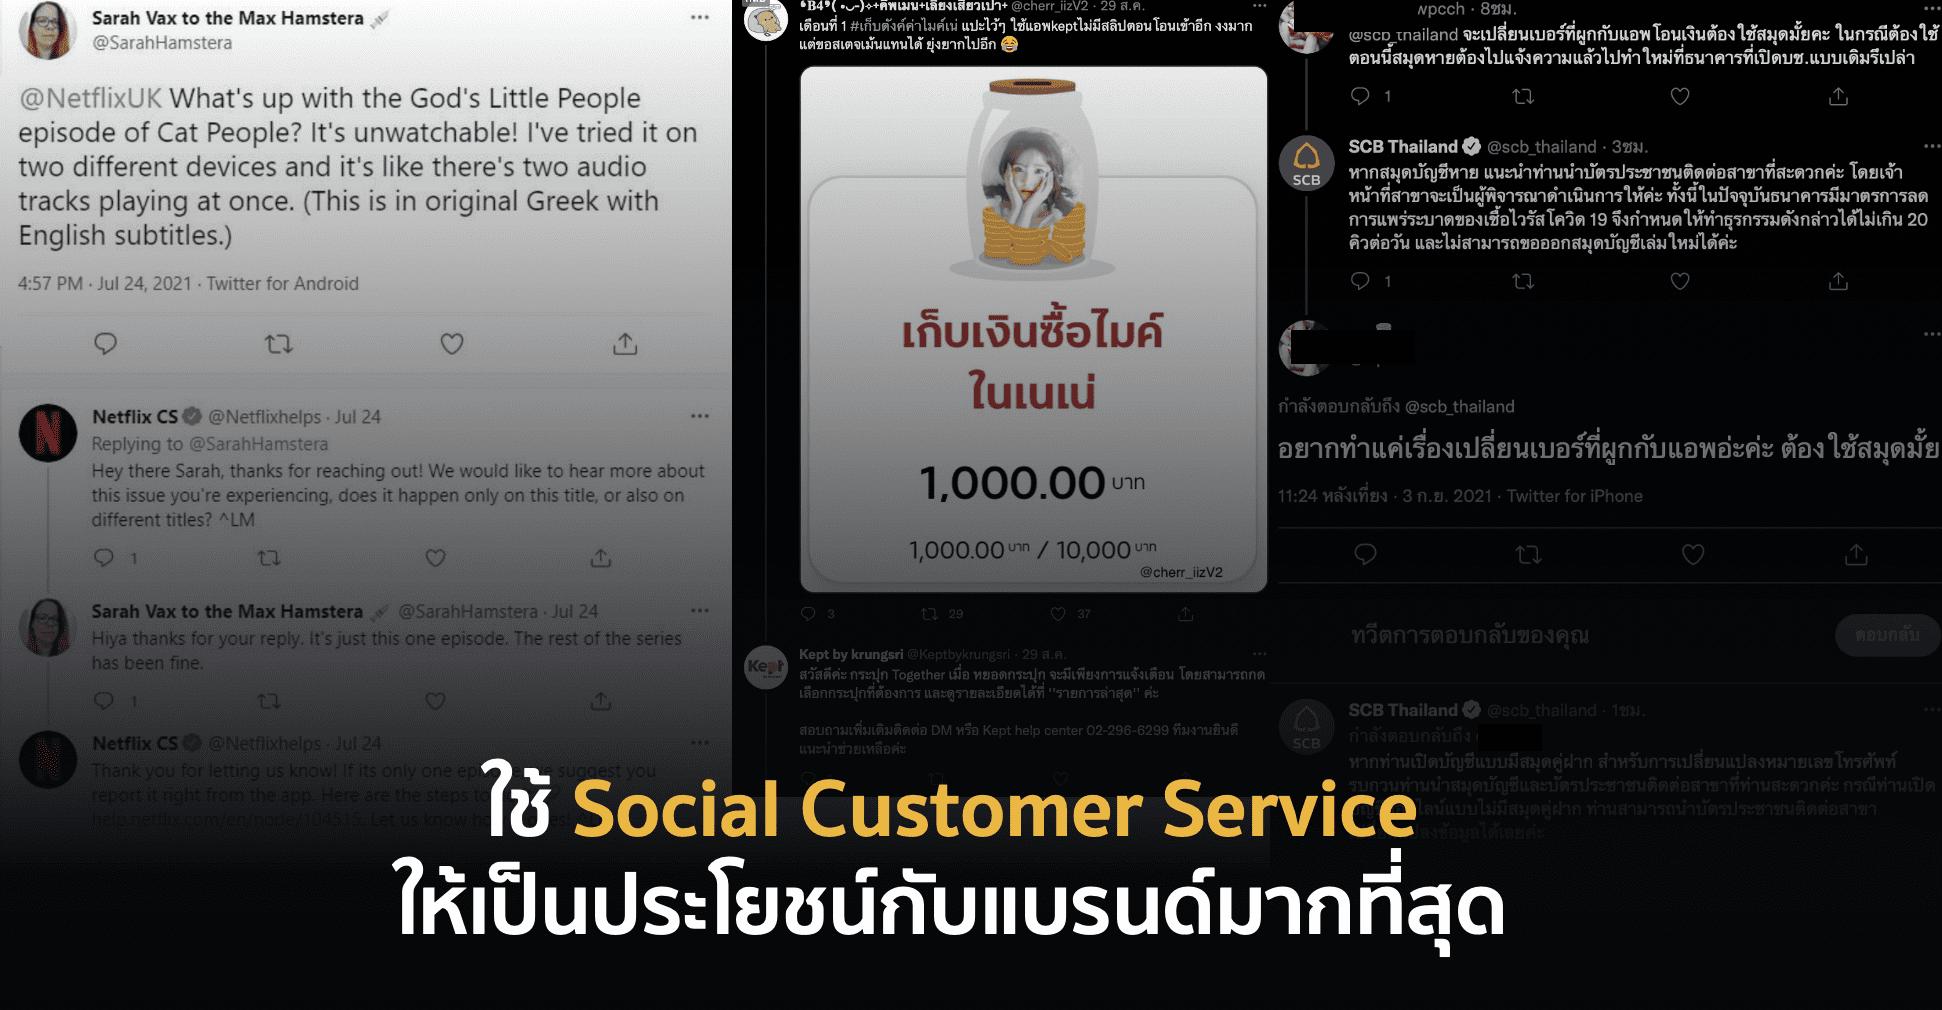 แบรนด์ของคุณใช้ Social Customer Service ให้เป็นประโยชน์แล้วหรือยัง?